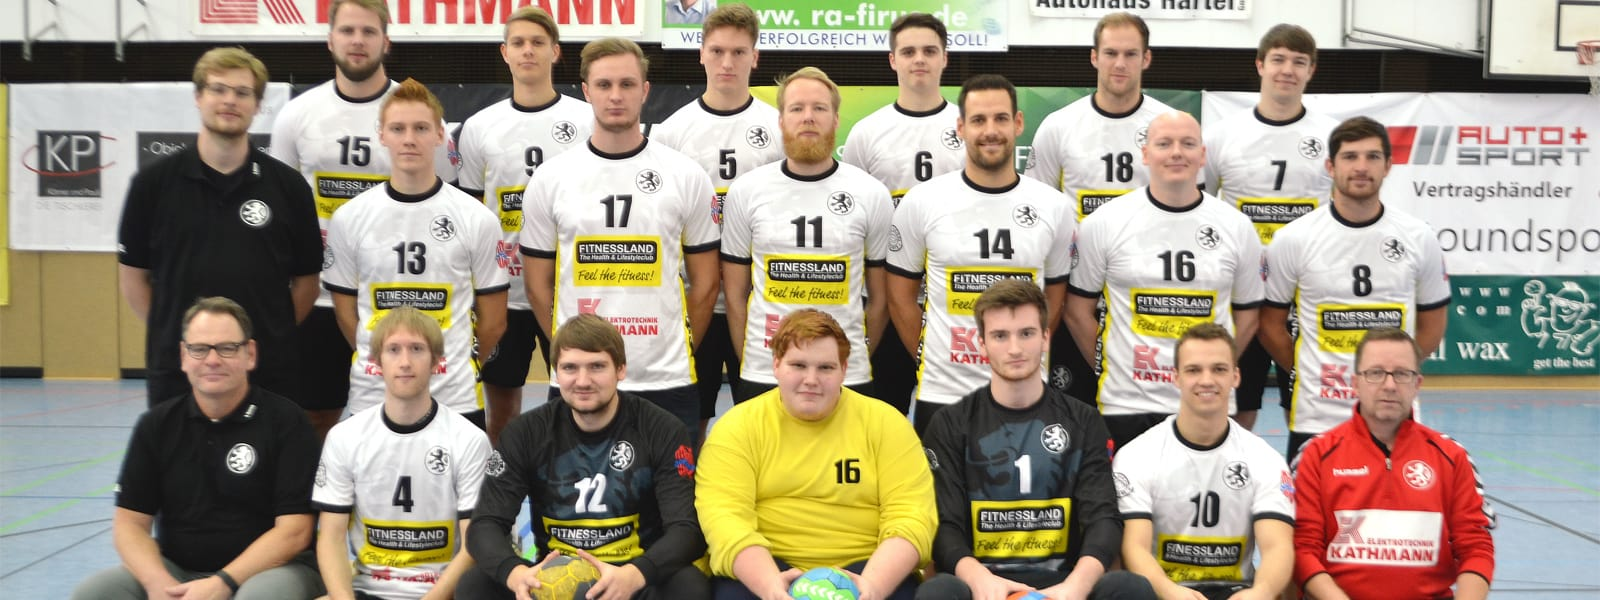 Die 3. Herren spielt dieses Jahr in der Landesliga Braunschweig.